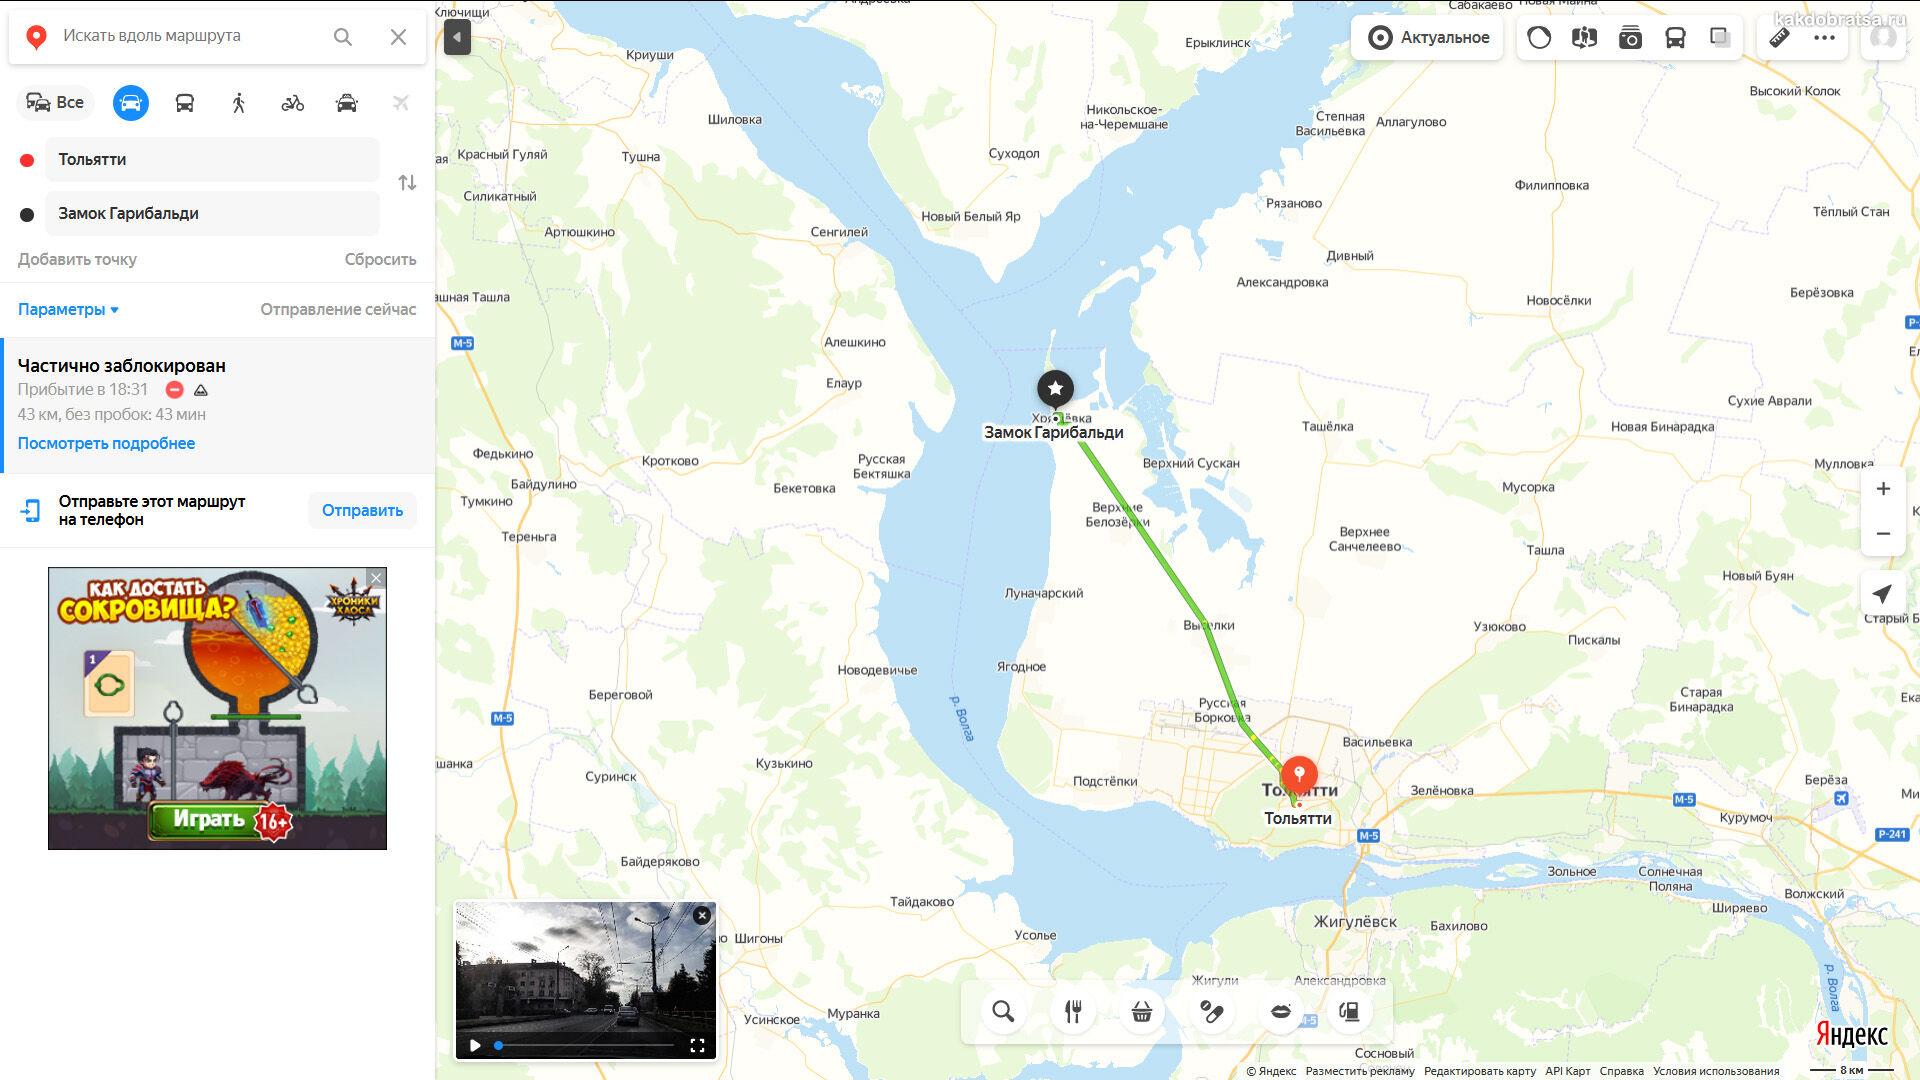 Замок Гарибальди и маршрут по карте из Тольятти